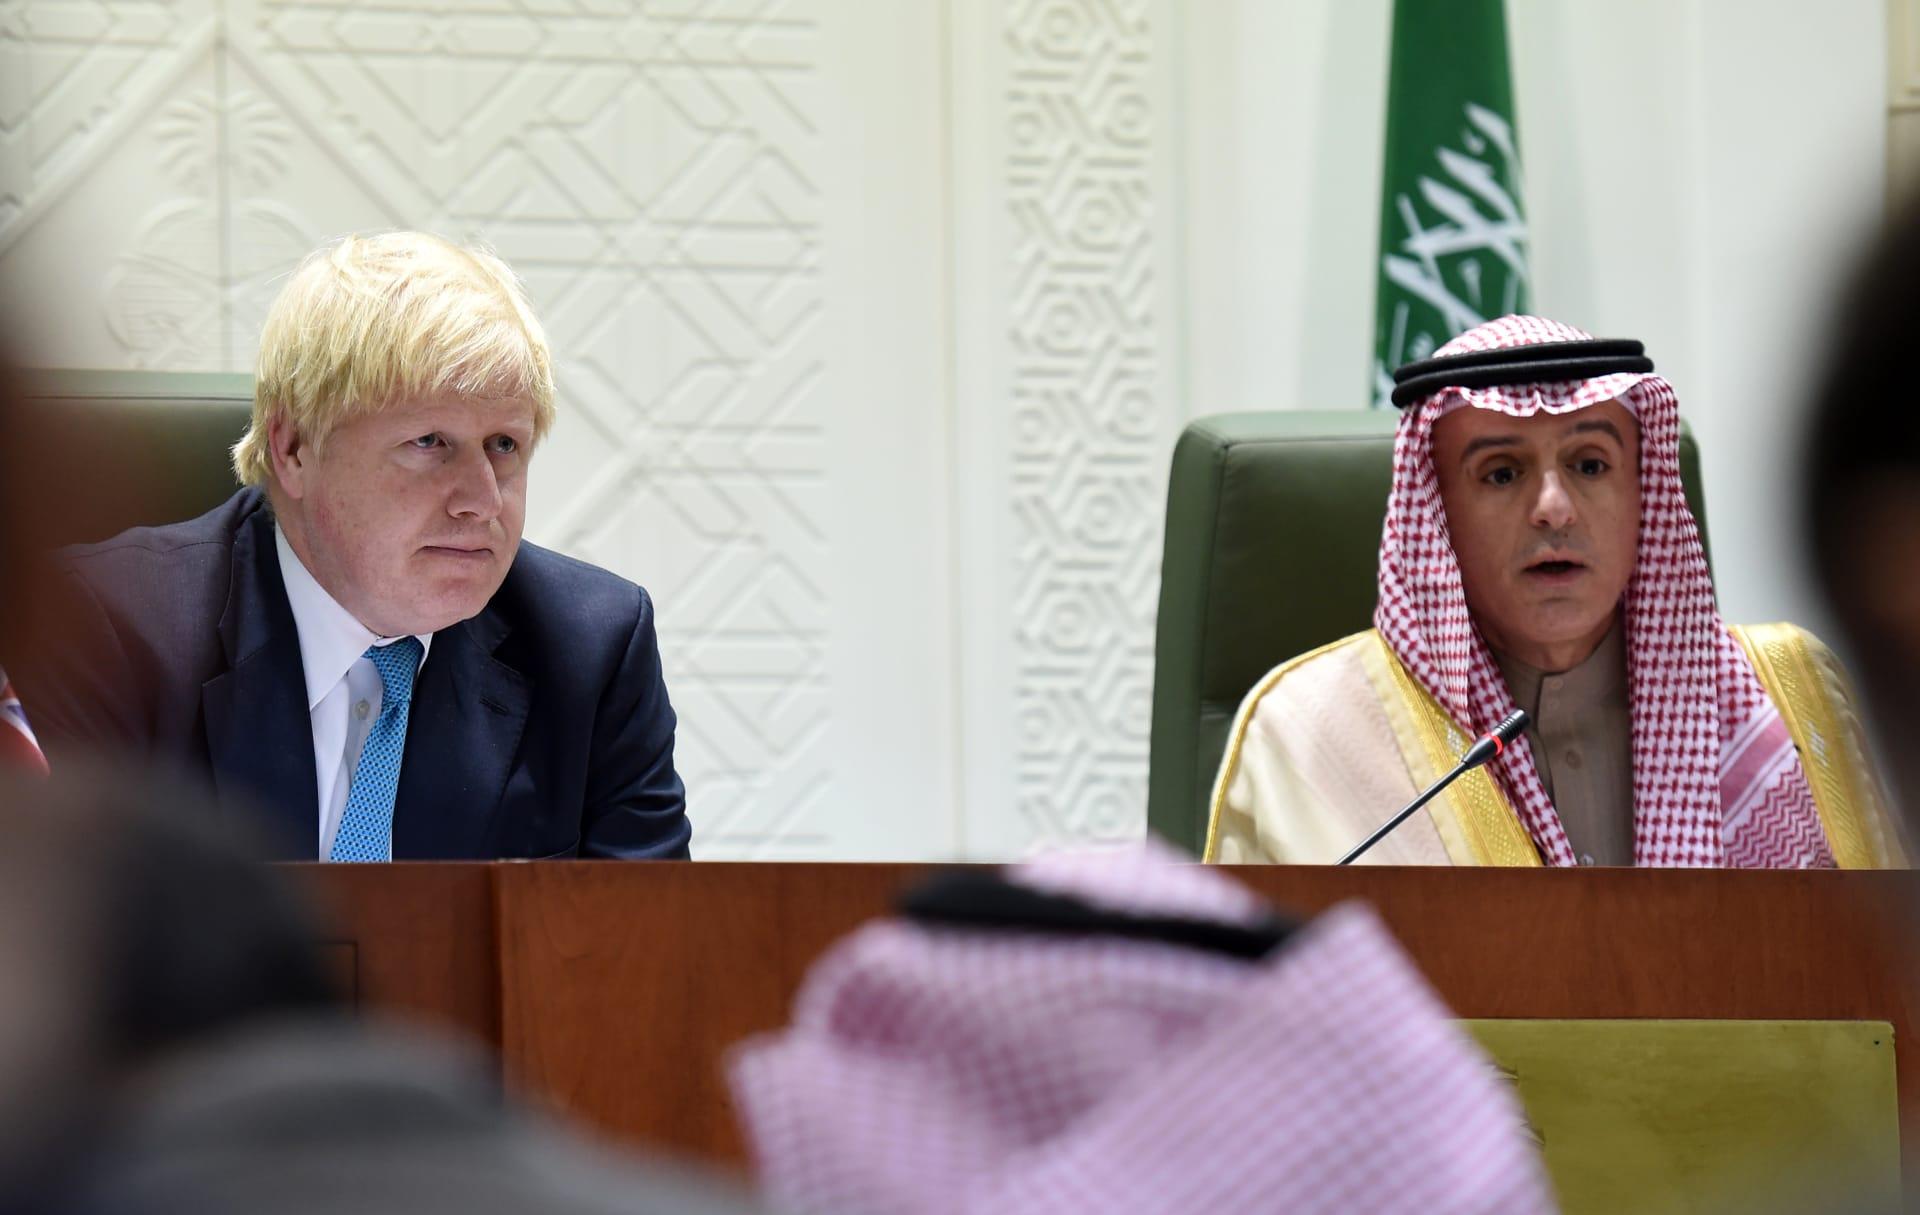 """جونسون يشجع """"الصراحة"""" بين بريطانيا والسعودية.. والجبير: التعليقات التي نُسبت له لا تعكس العلاقات الوثيقة بين الدولتين"""